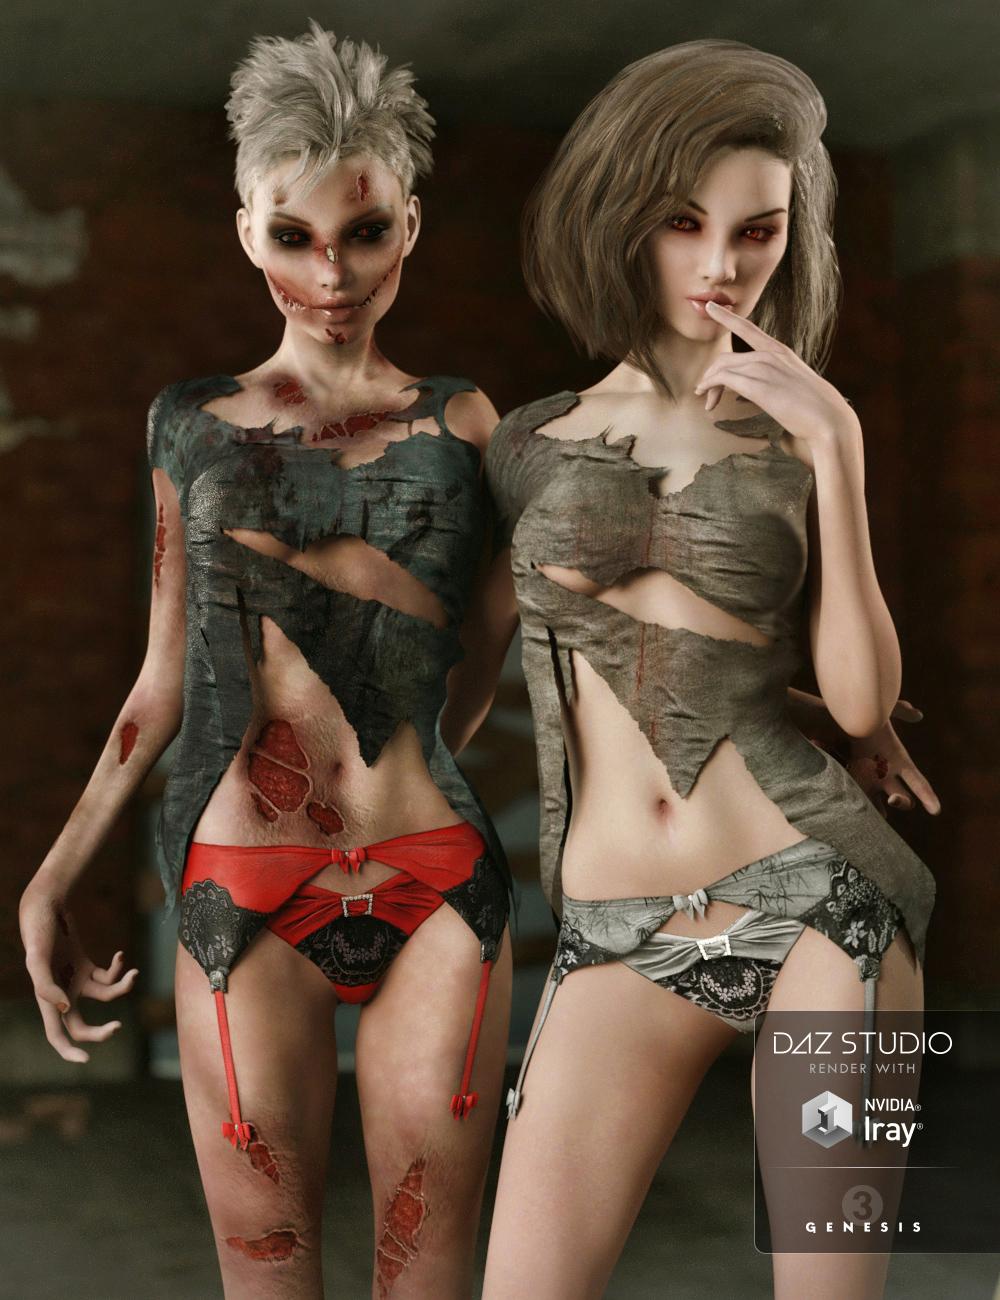 Valoria for Arabella 7 by: DemonicaEviliusJessaii, 3D Models by Daz 3D